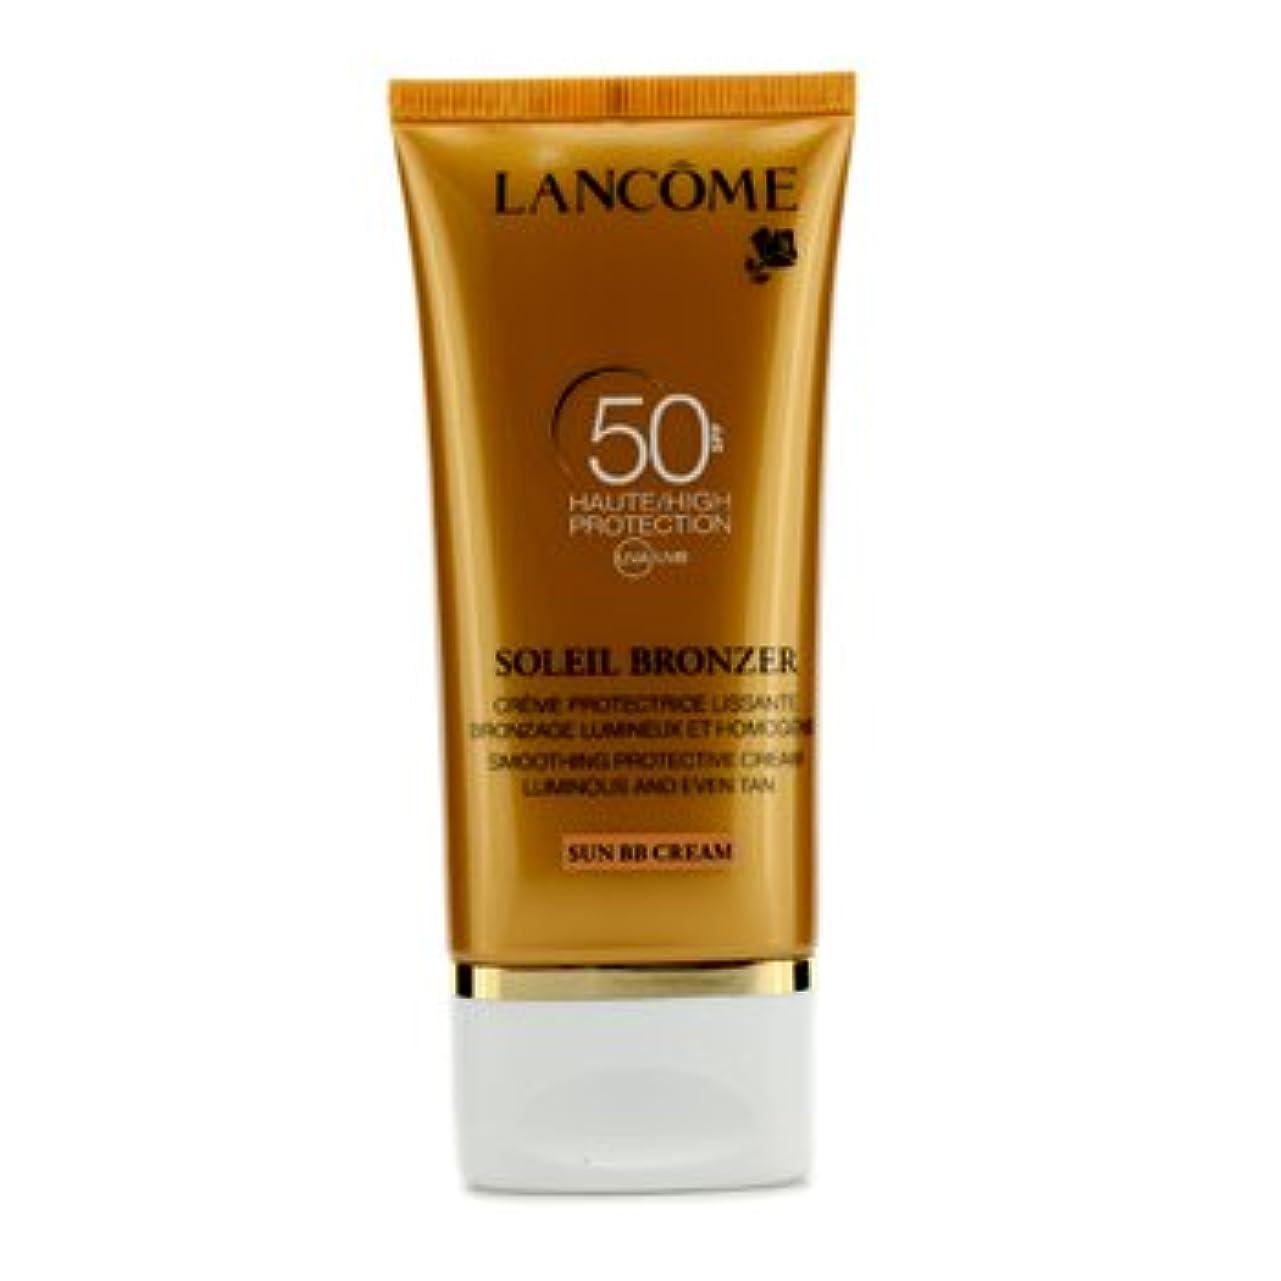 実験見通しラベンダー[Lancome] Soleil Bronzer Smoothing Protective Cream (Sun BB Cream) SPF50 50ml/1.69oz